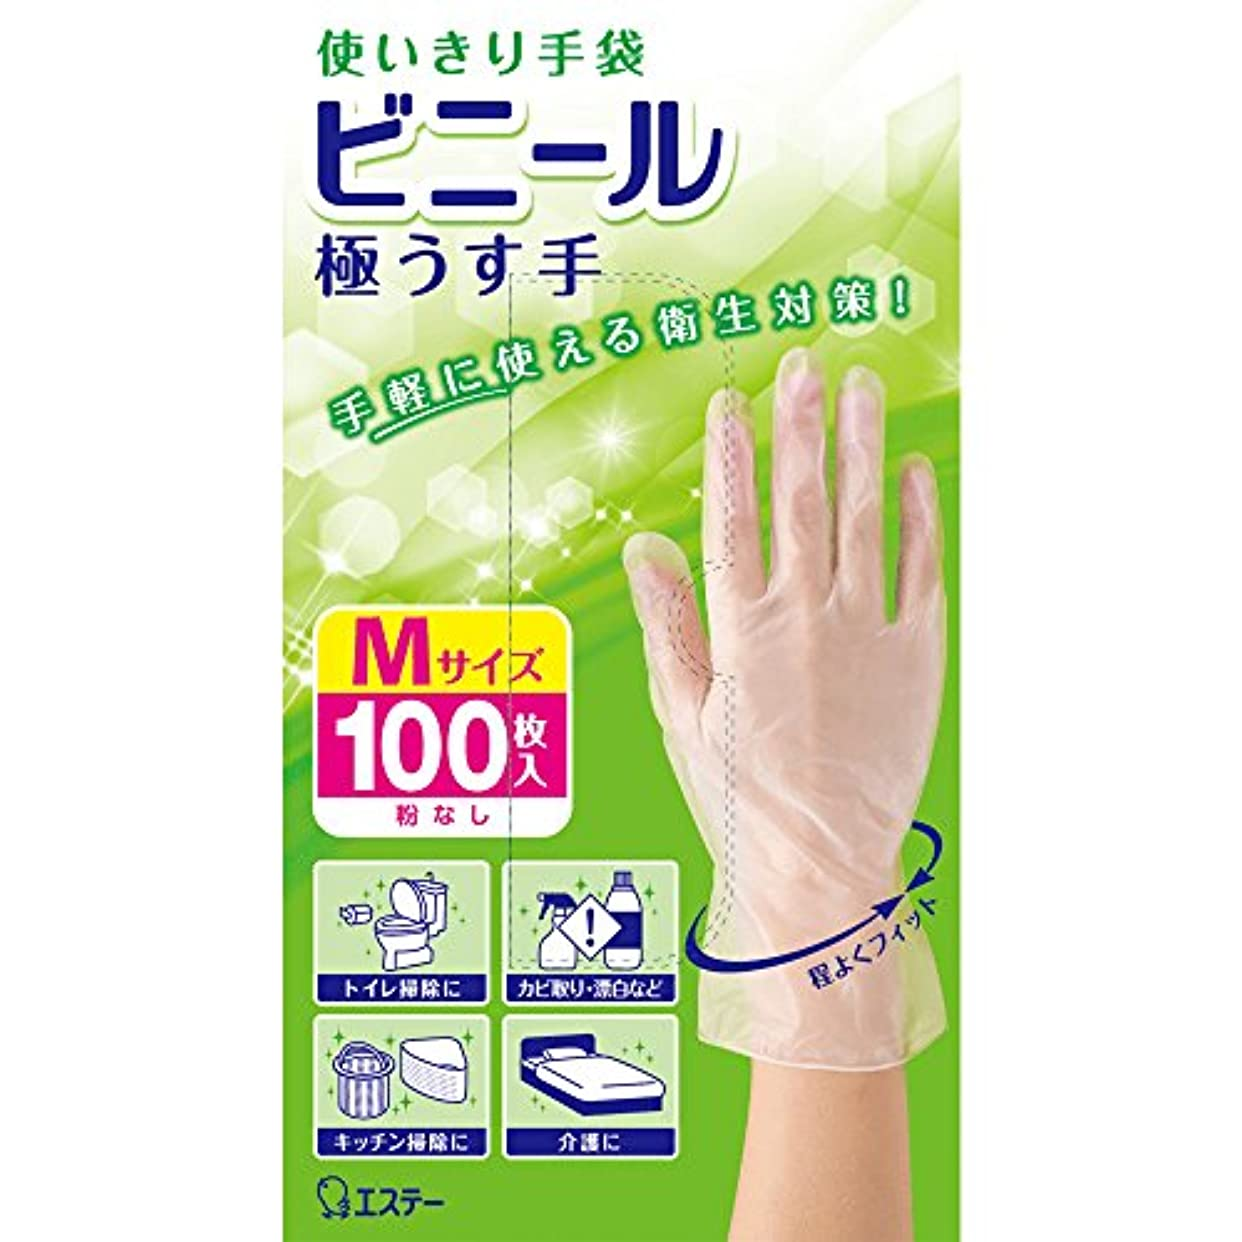 報復する不名誉なドラム使いきり手袋 ビニール 極うす手 炊事?掃除用 Mサイズ 半透明 100枚